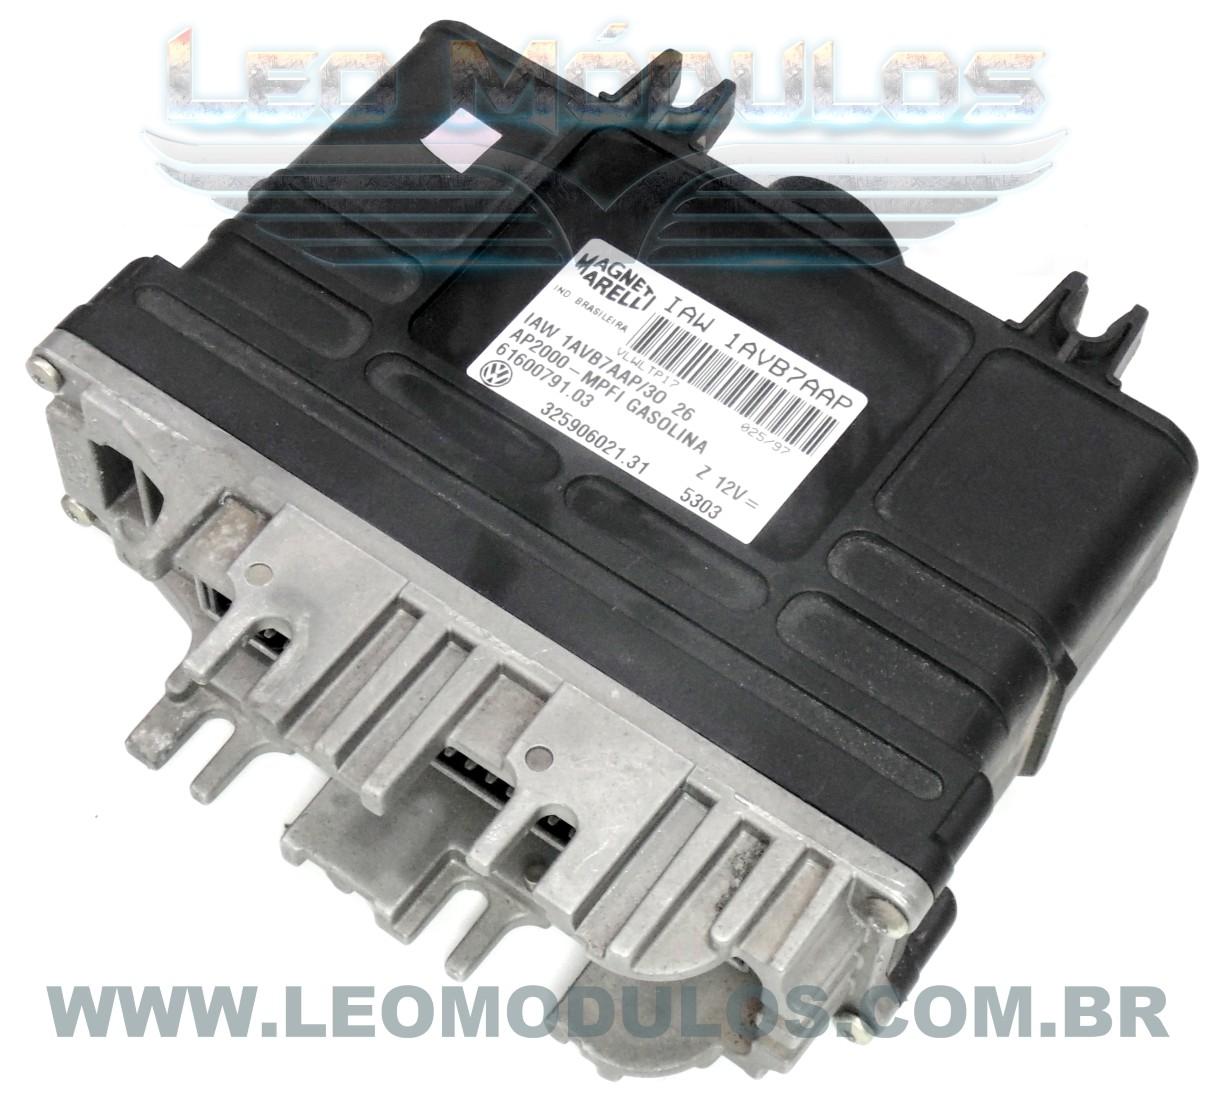 Módulo de injeção marelli - IAW 1AVB7AAP 32590602131 - Santana 2.0 8V - IAW 1AVB7AAP - Leo Módulos